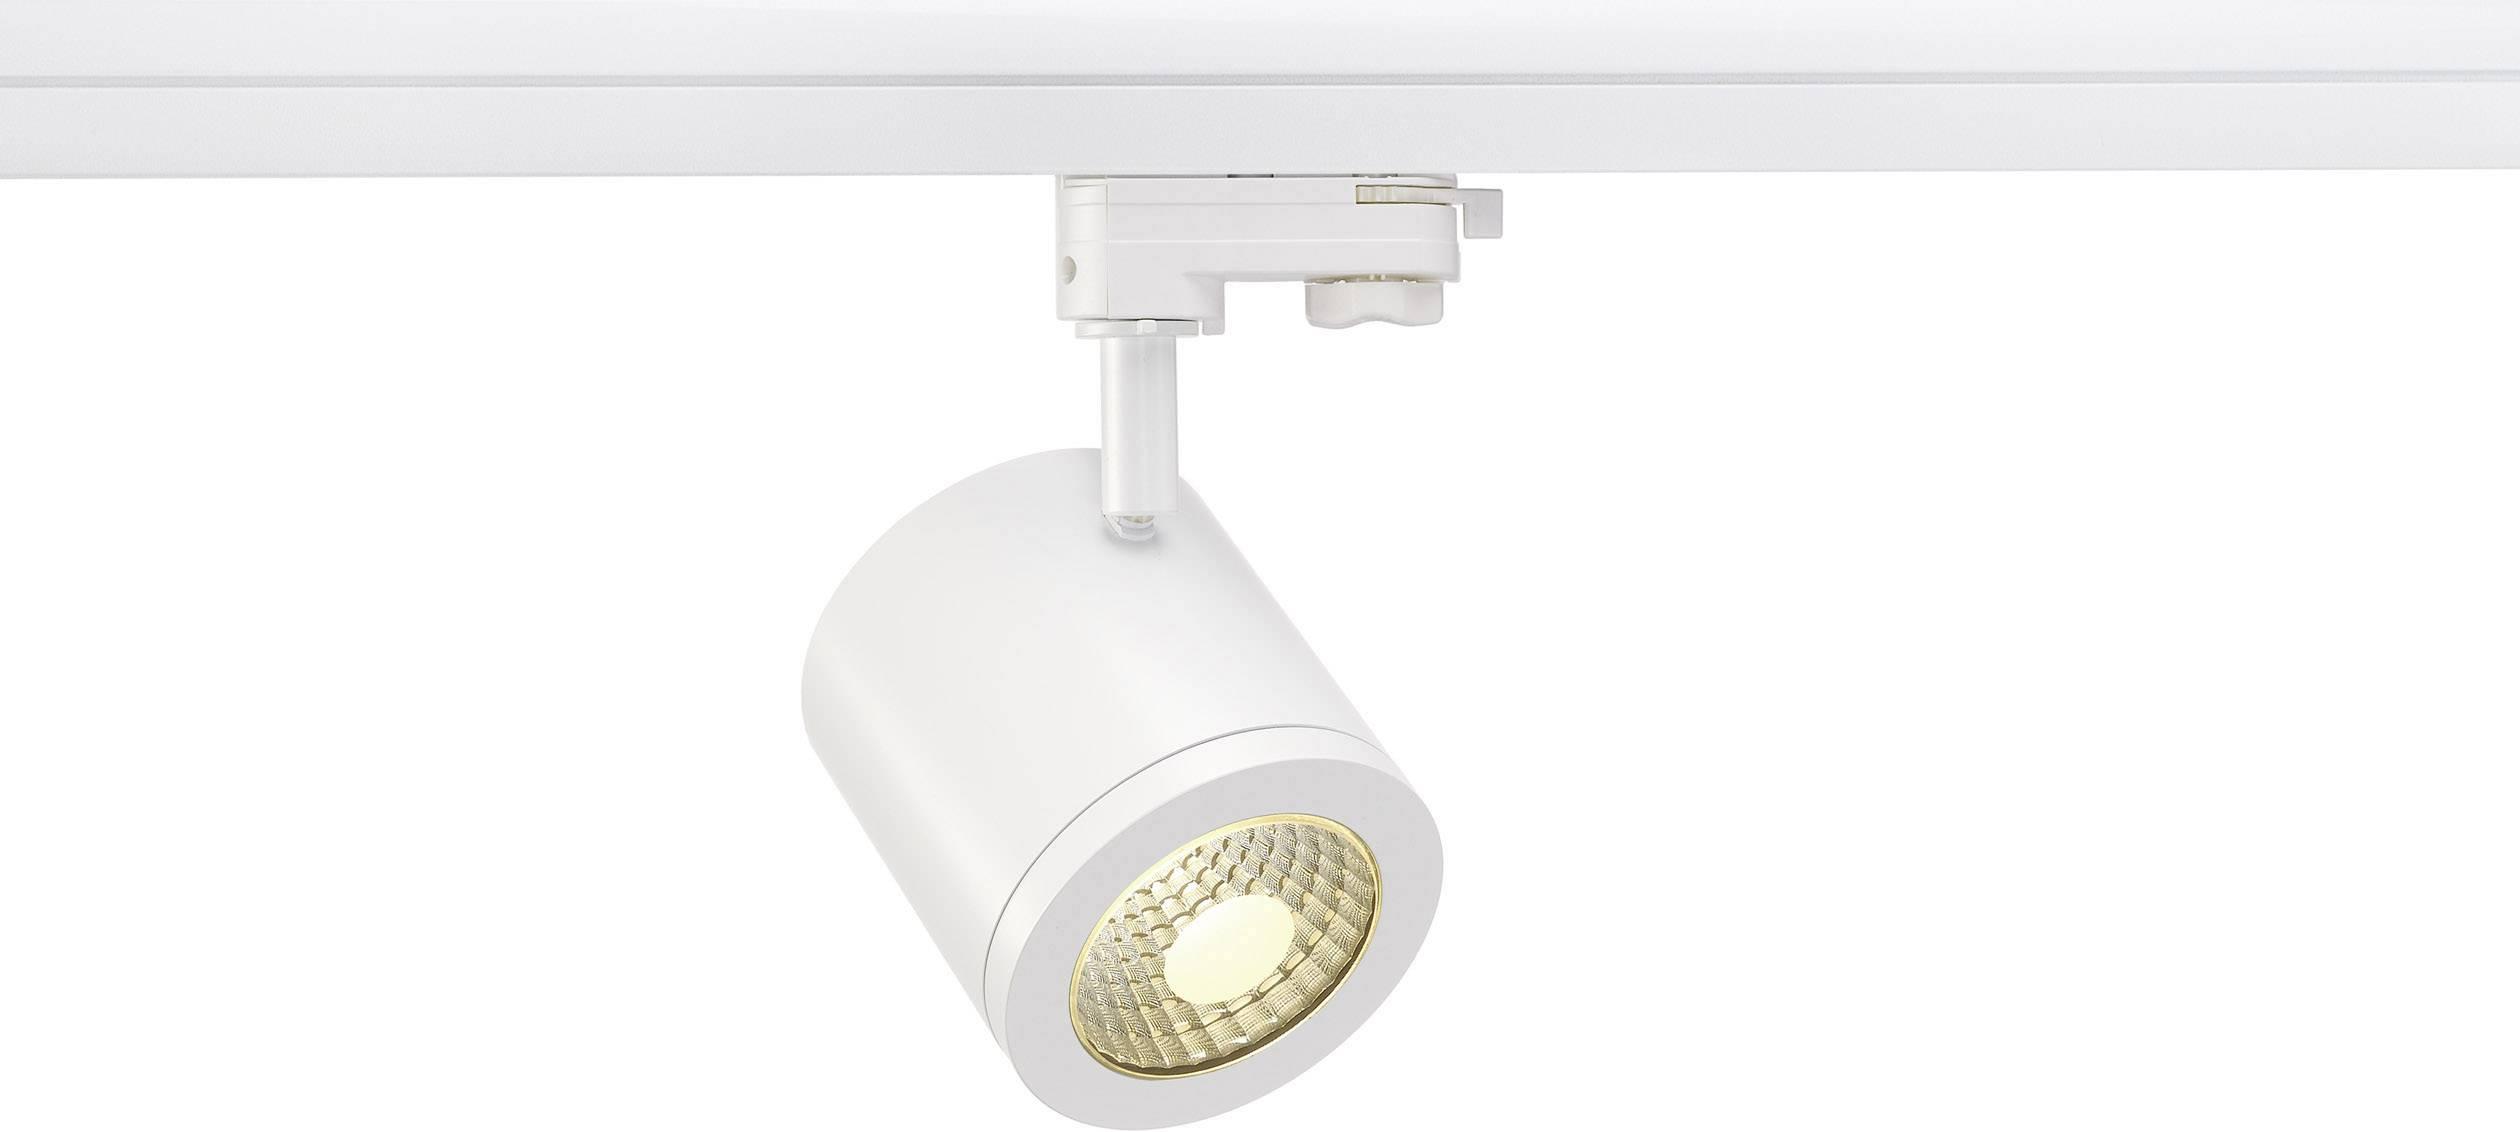 Svítidla do lištových systémů (230 V) SLV Enola 152431, 9 W, bílá